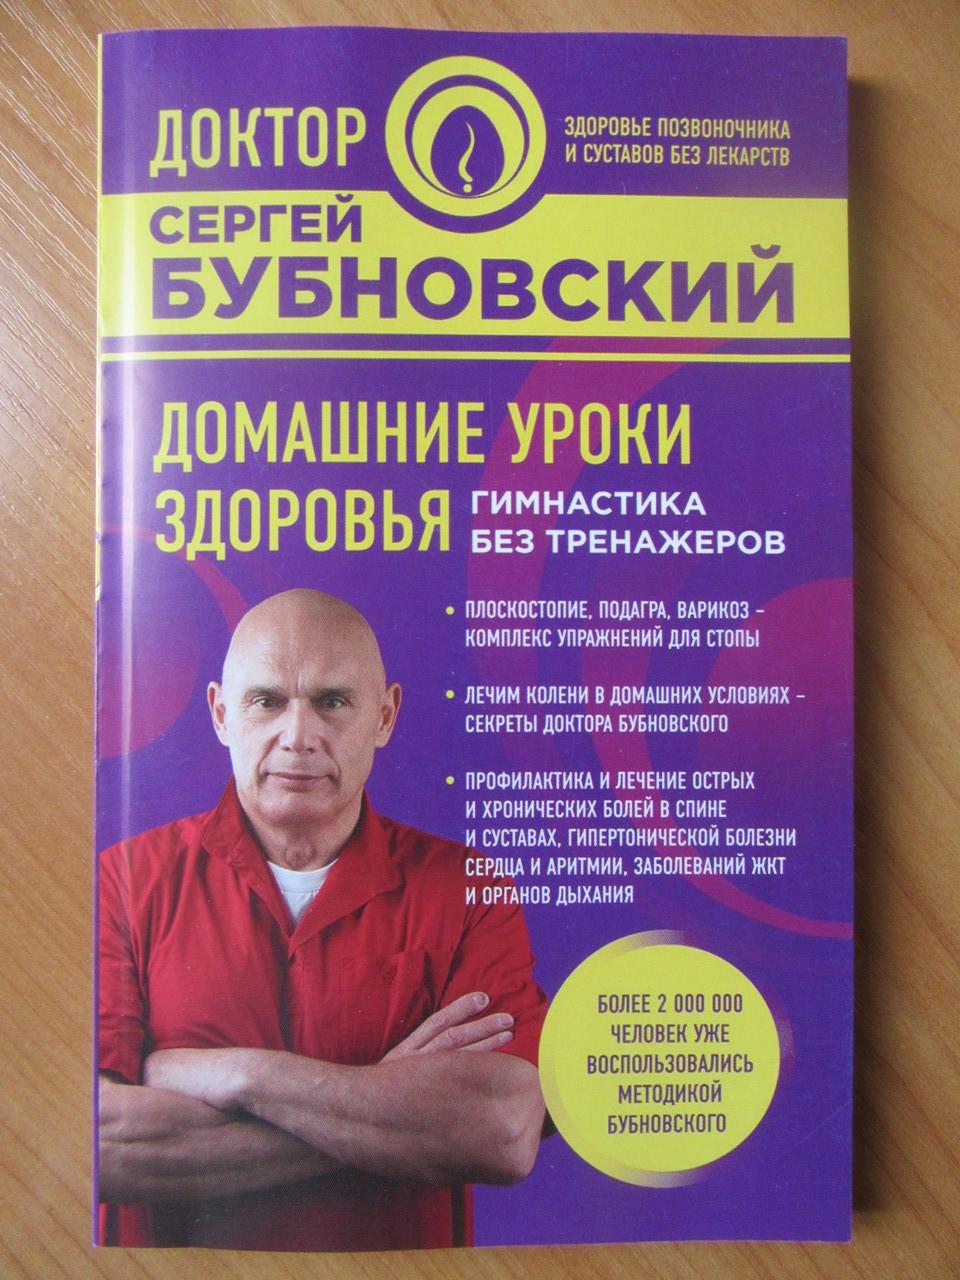 Сергій Бубновський. Домашні уроки здоров'я. Гімнастика без тренажерів